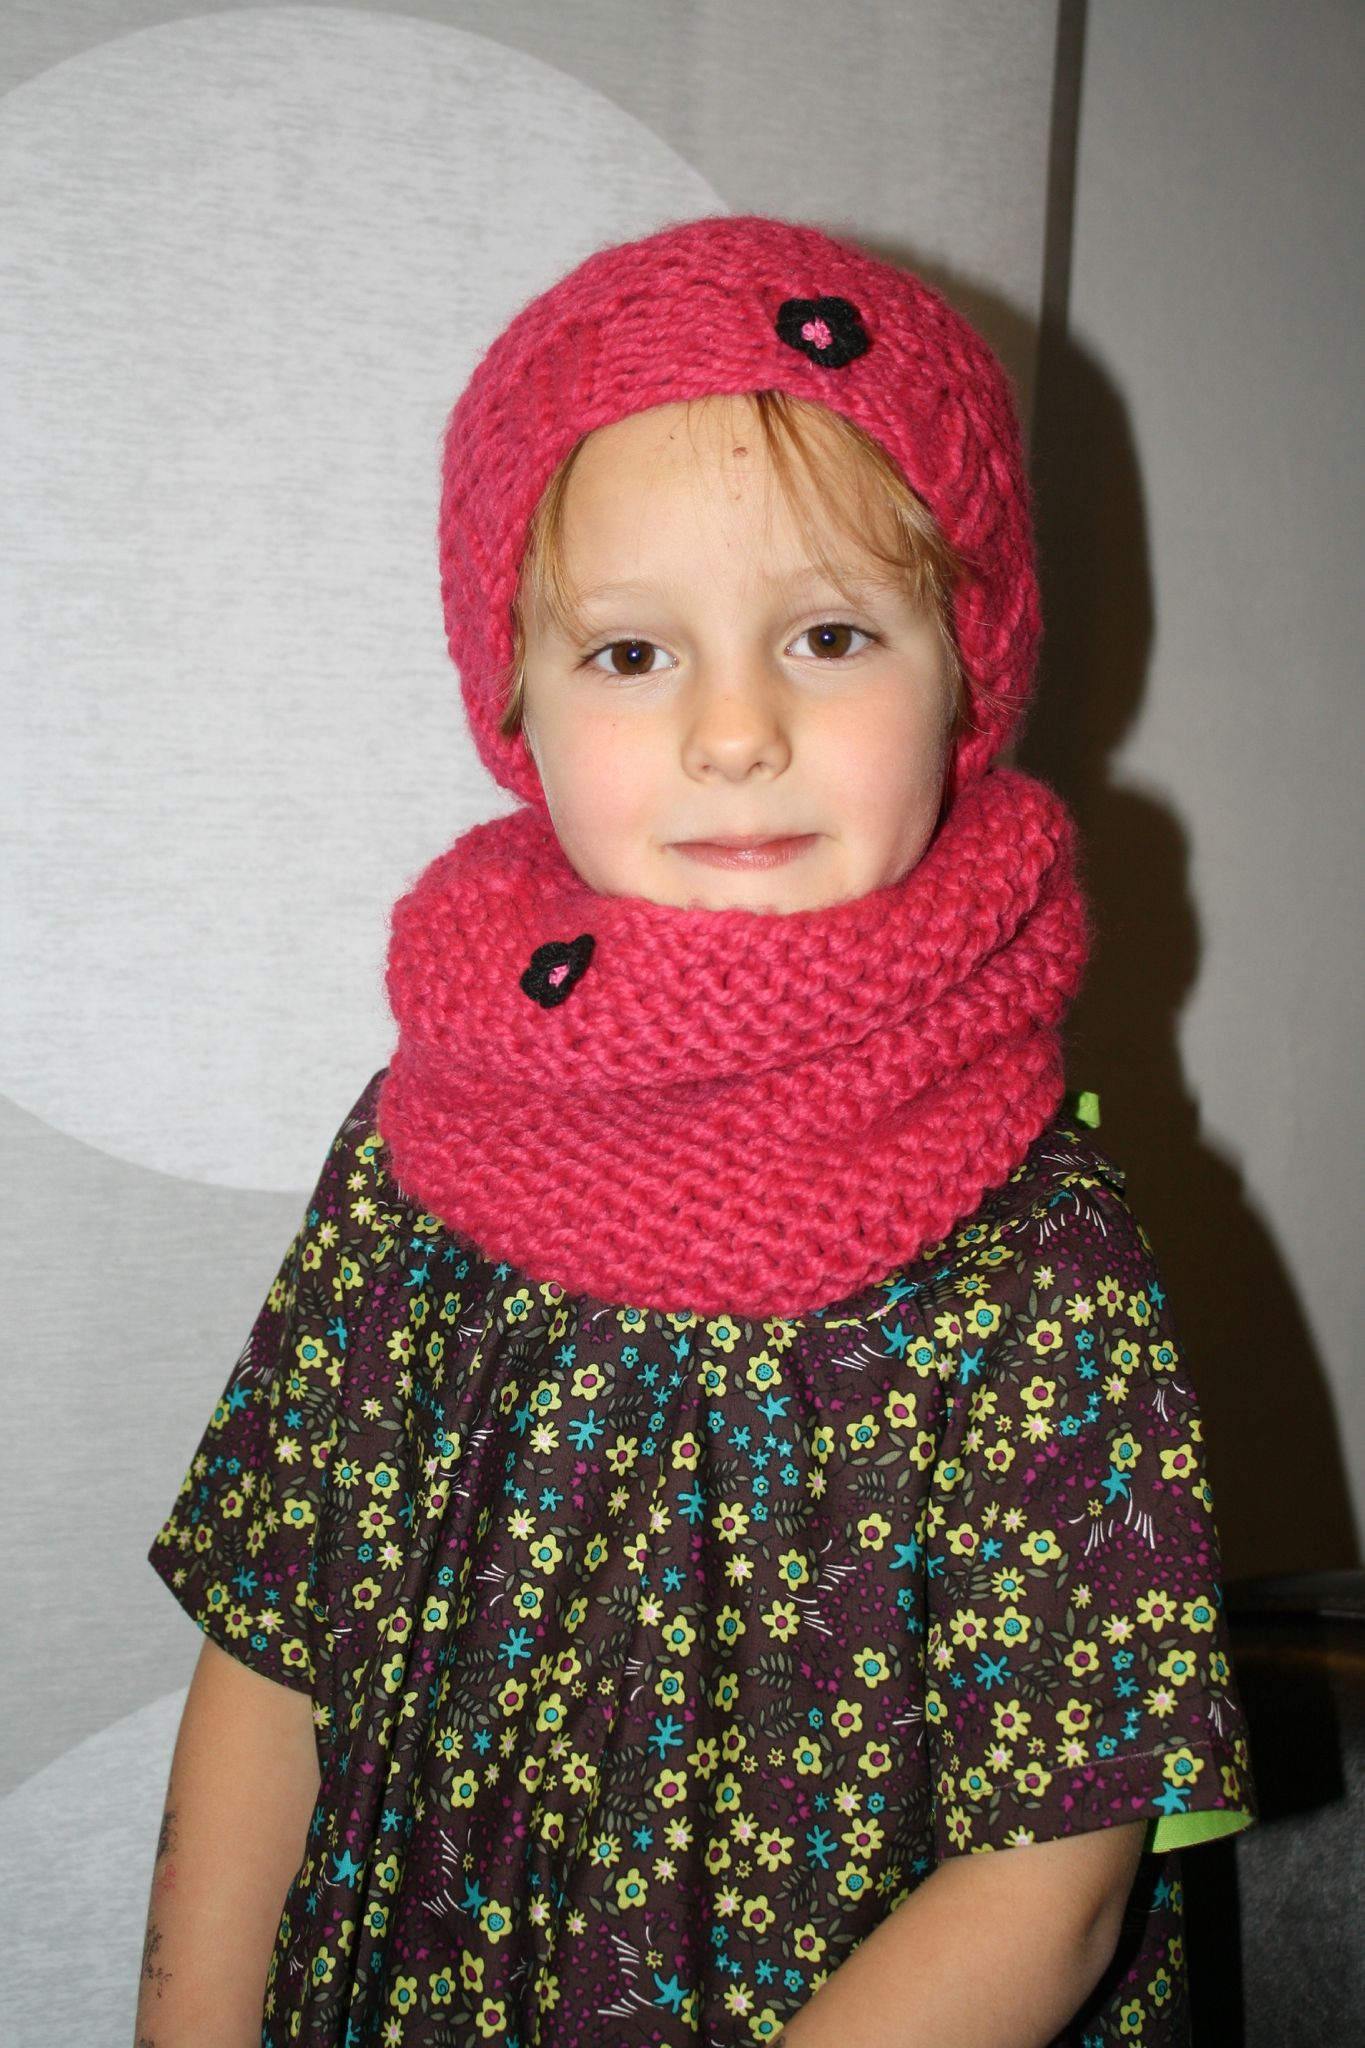 Je veux trouver un joli tricot pour mon bébé ou à offrir pas cher ICI Tricot  snood bébé tuto fee4d6960d3